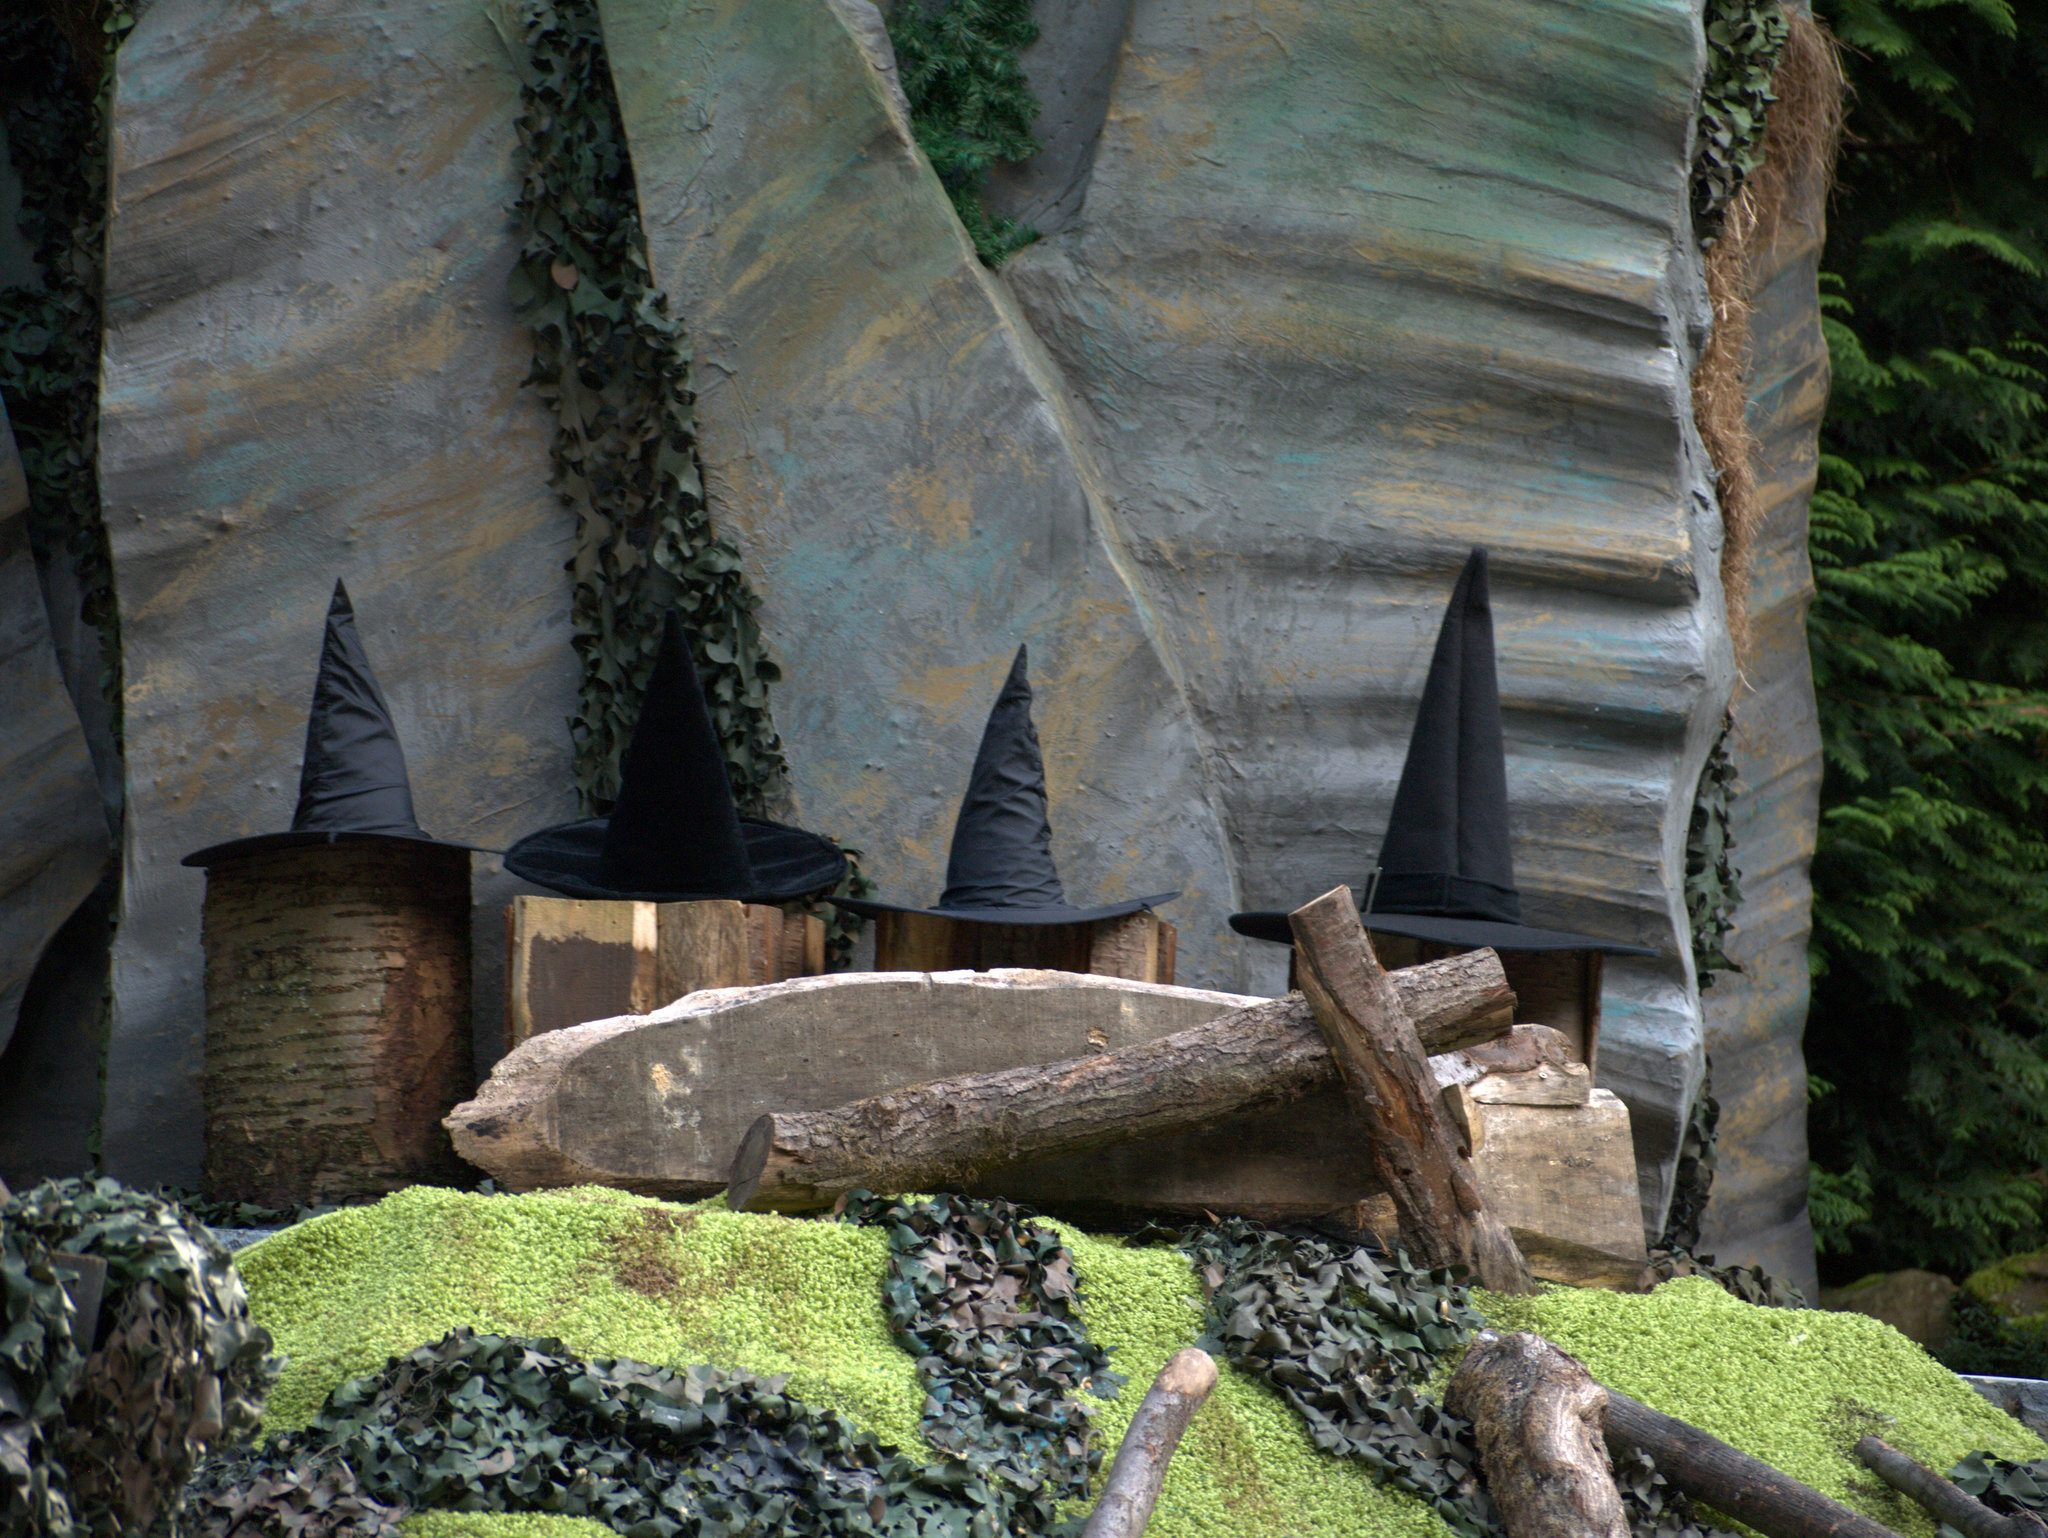 Wer eine ordentlich Hexe ist, der hat auch einen Hut.